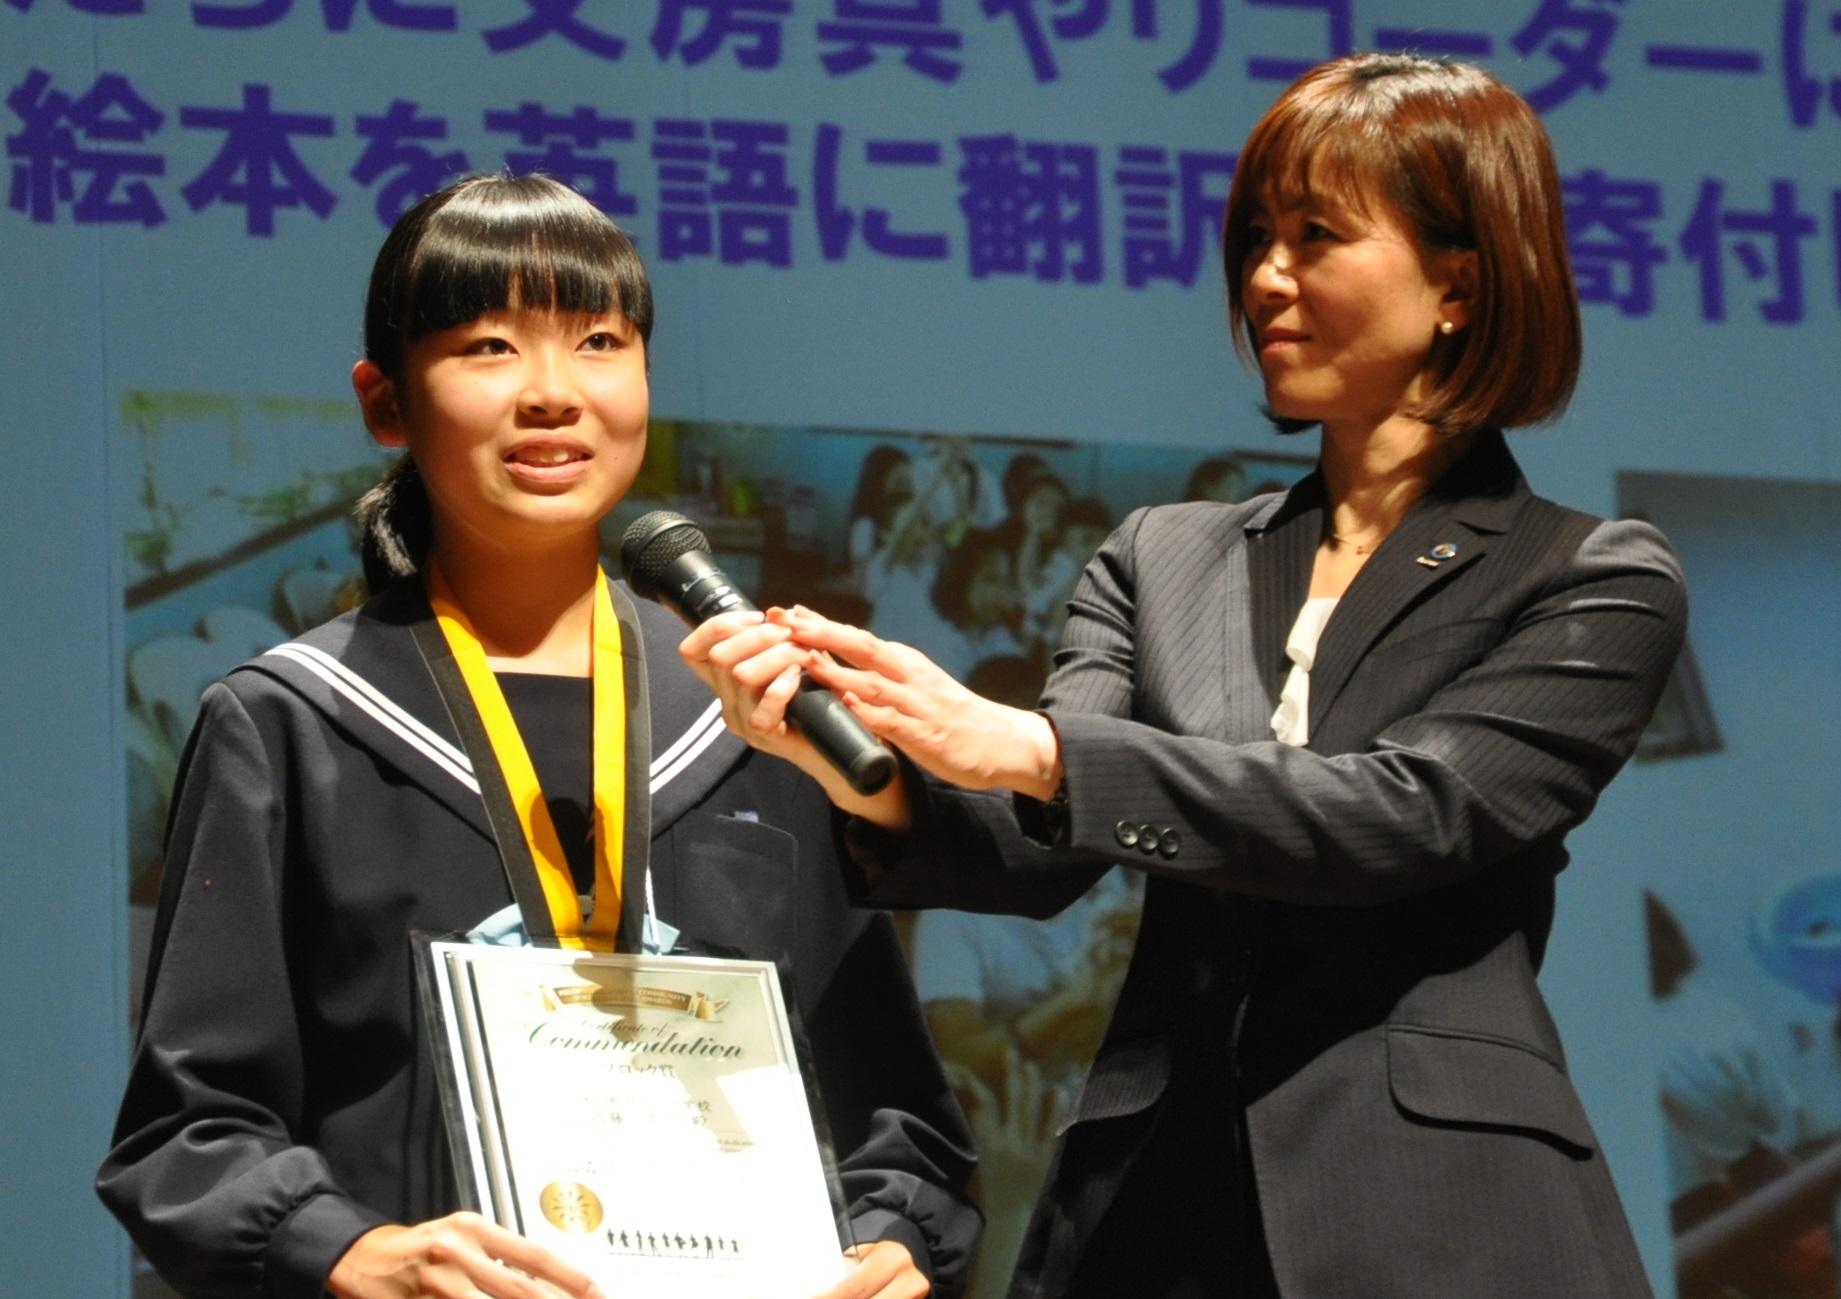 受賞の喜びを語る近藤奈々さん(写真左)。